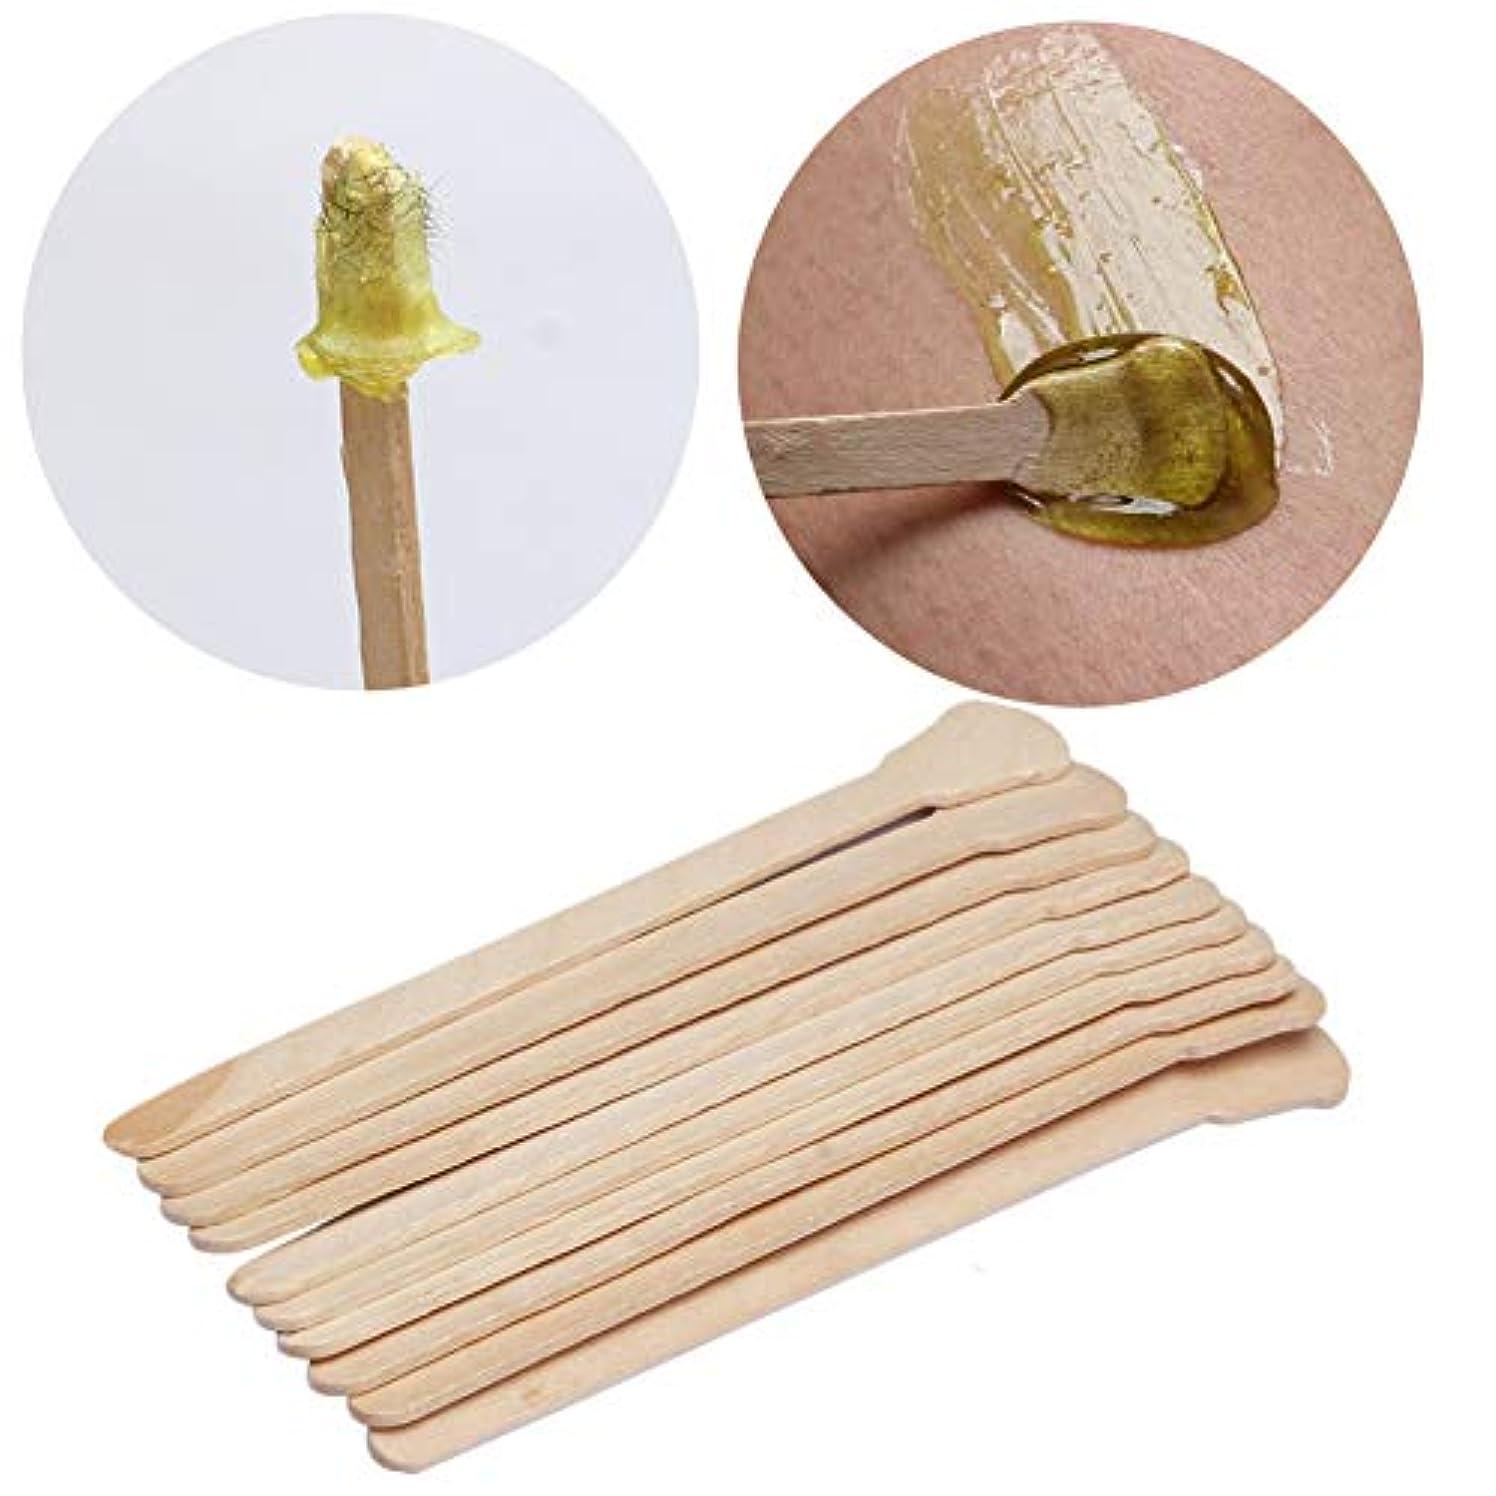 オーロック南東気分が良いKingsie 使い捨て スパチュラ 木製 50本セット 脱毛ワックス用 12.5cm アイススティック棒 化粧品 フェイスマスク、クリームなどをすくい取る際に ワックス脱毛